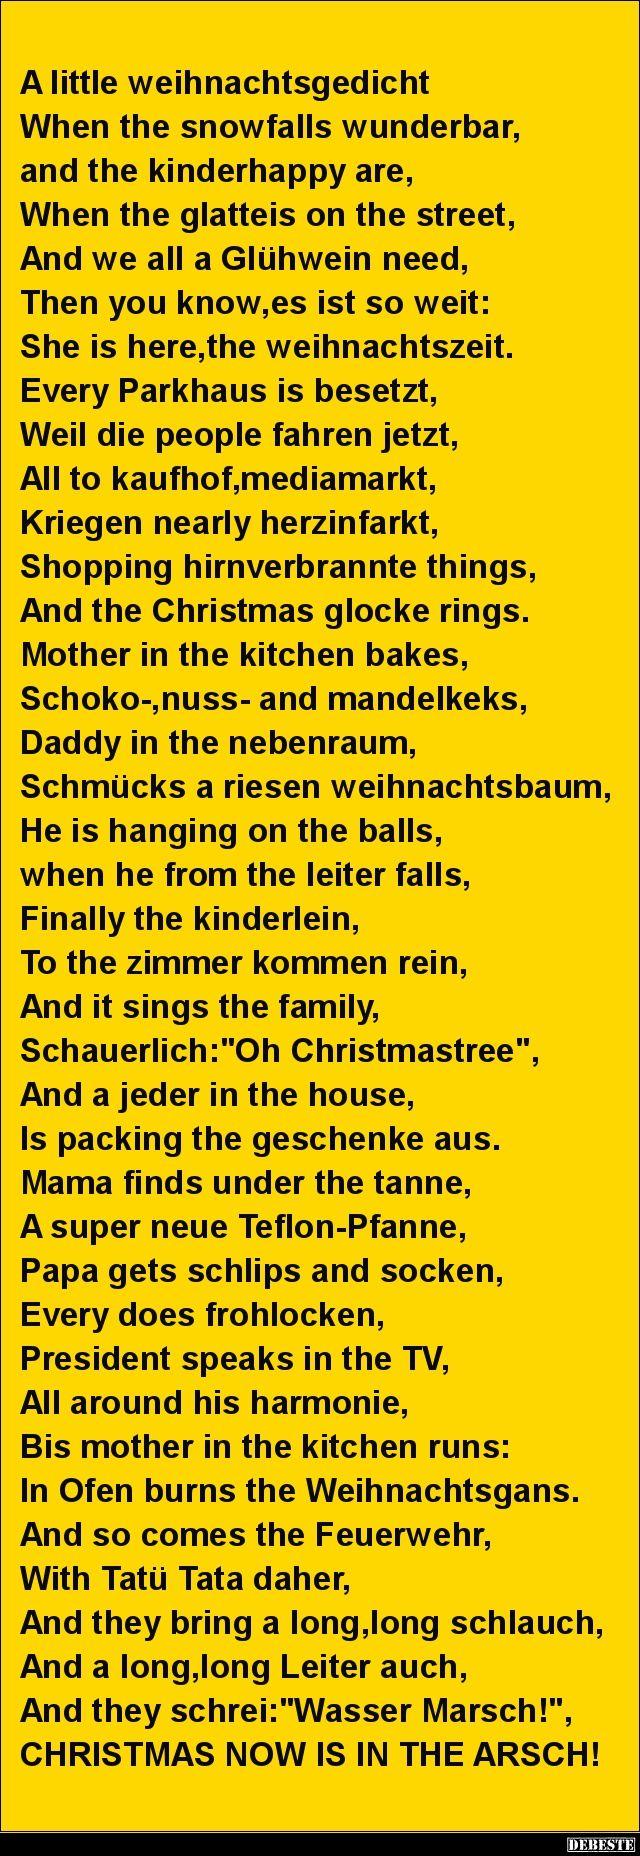 A little weihnachtsgedicht.. | Lustige Bilder, Sprüche, Witze, echt lustig